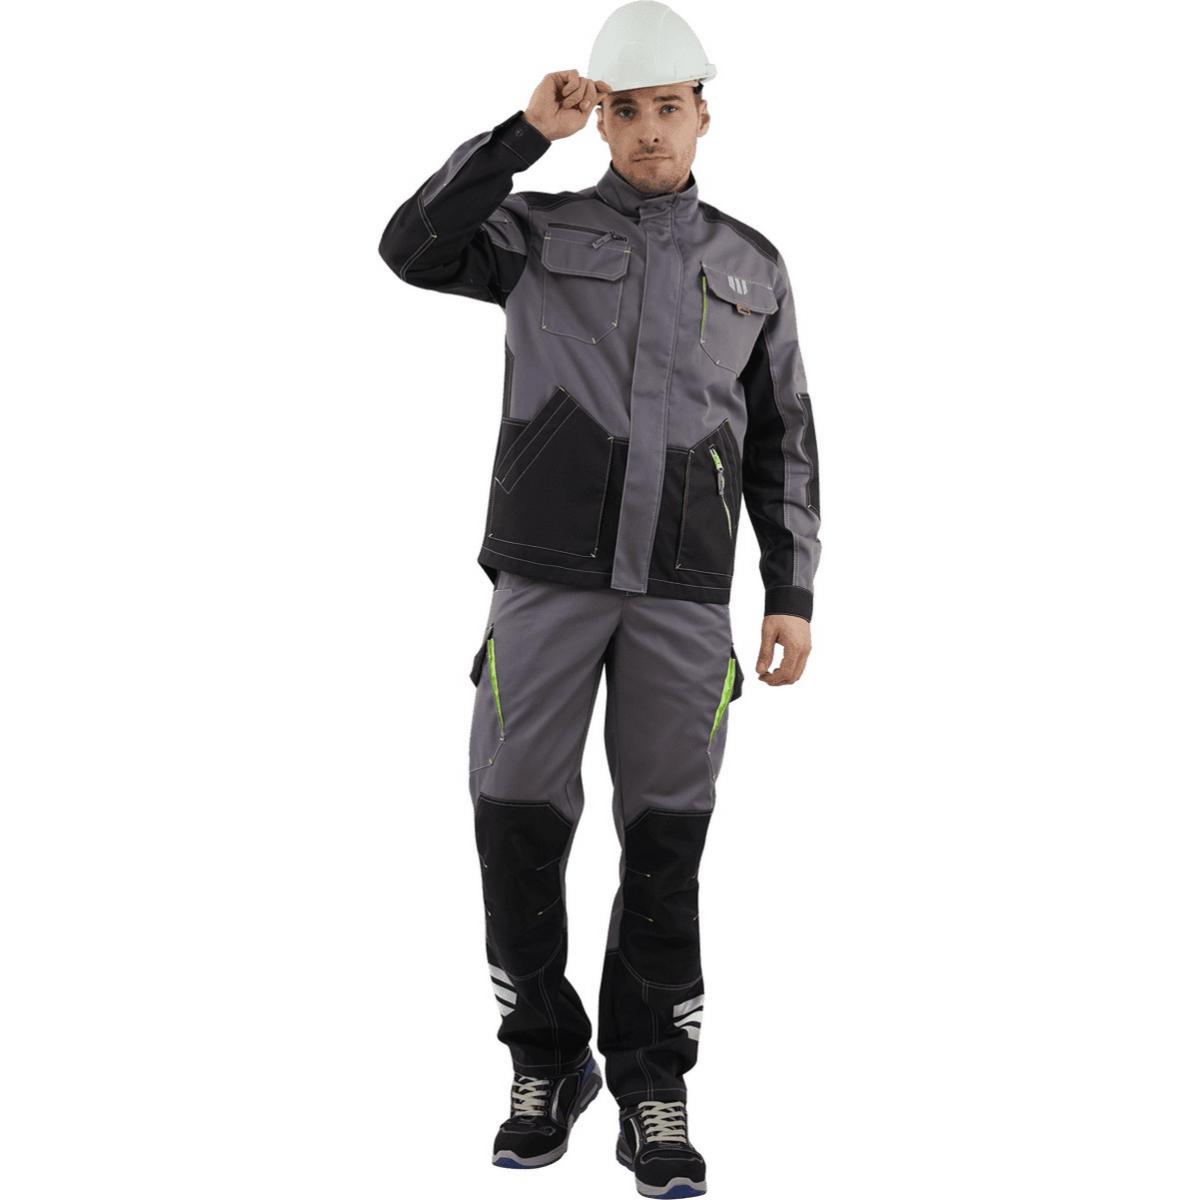 Куртка ЭДВАНС серый-т.серый-черный (разм. 104-108 рост 182-188)